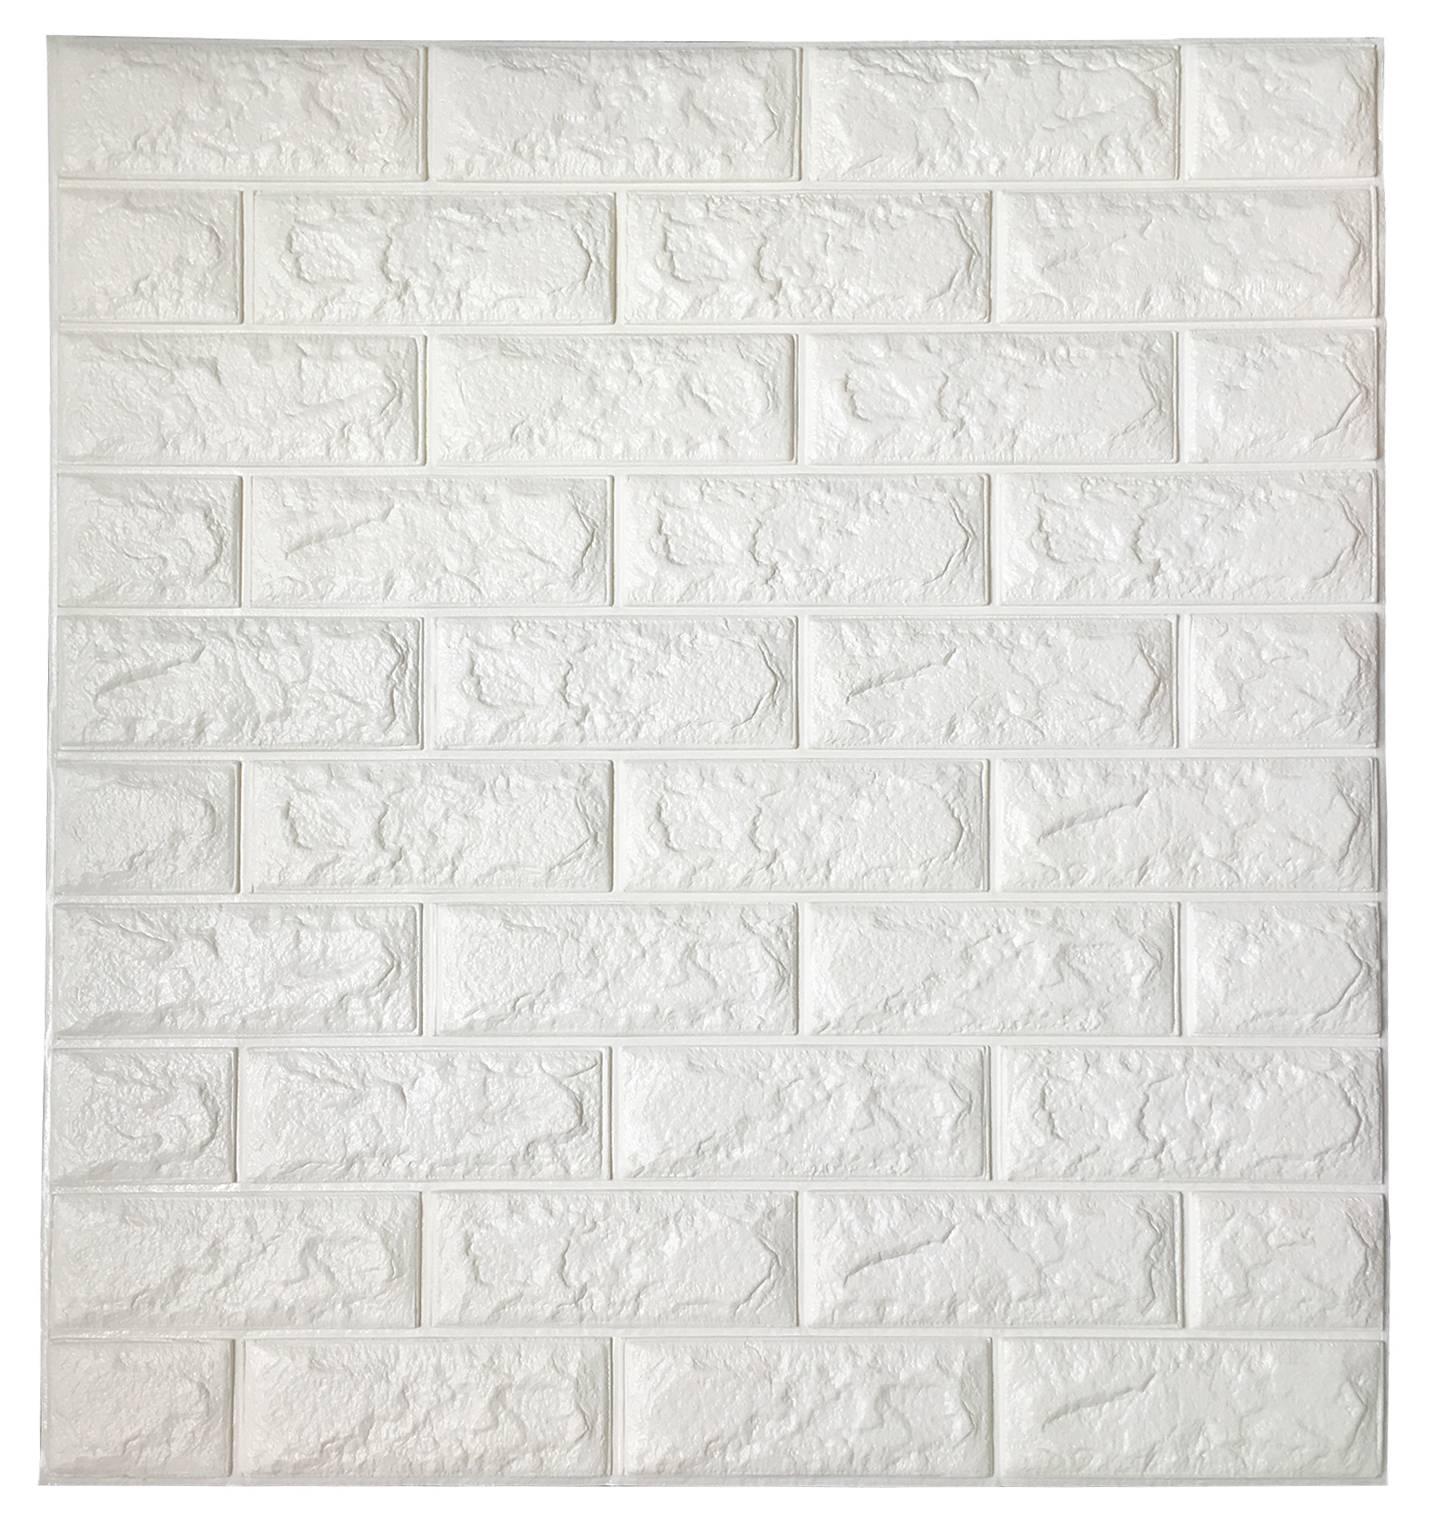 3d Wall Panels | 3d Wall Tiles | 3d Wall Art | 3d Wall Decor Pertaining To 2017 3d Brick Wall Art (View 13 of 20)